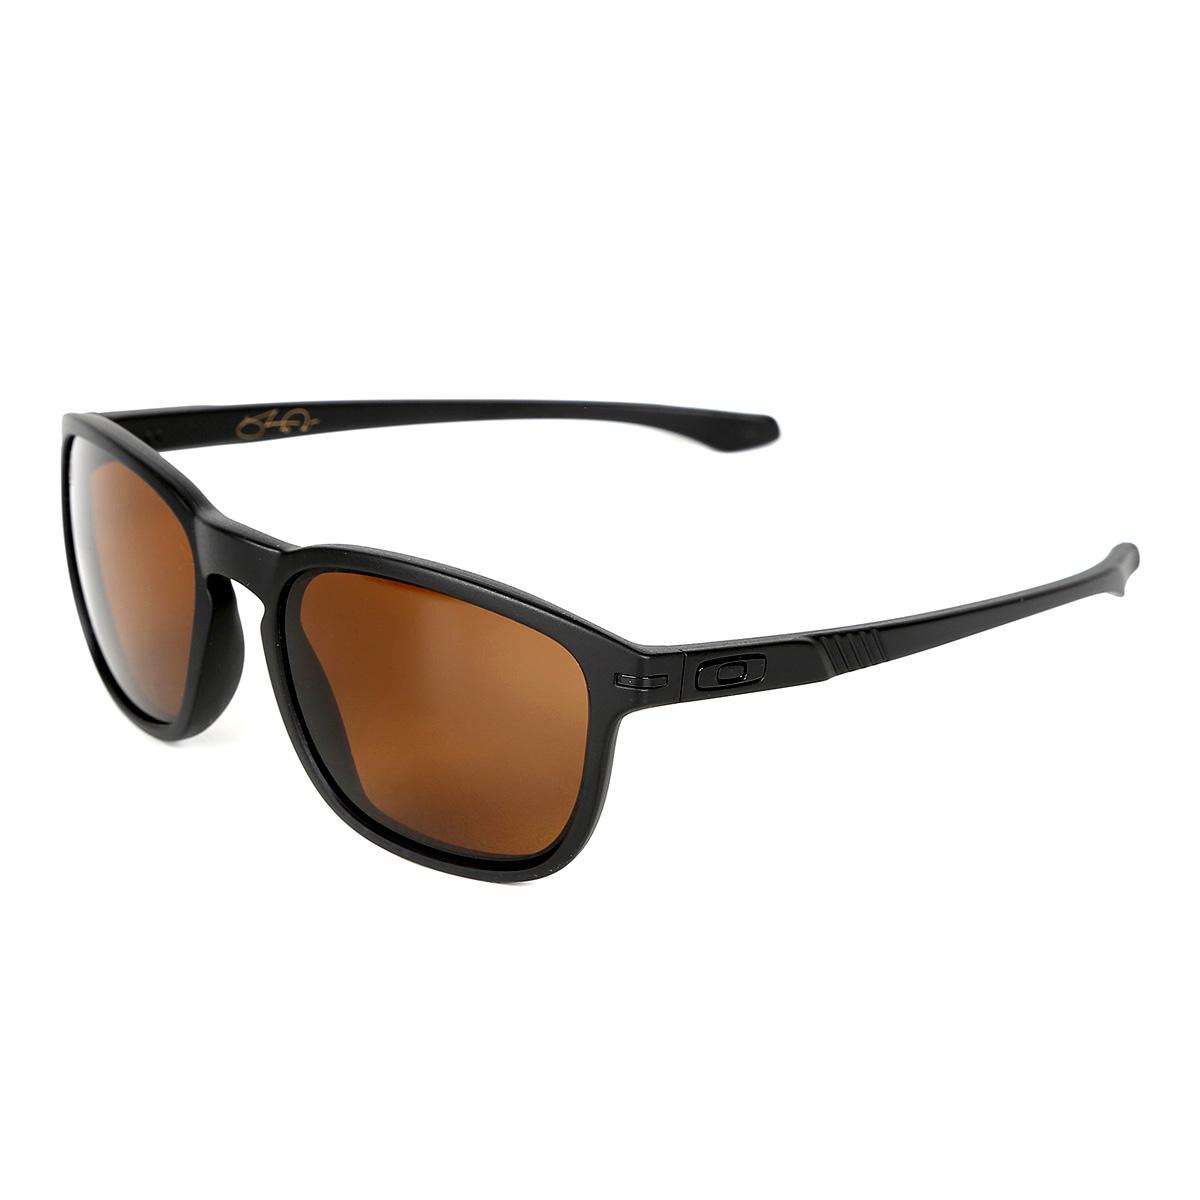 oculos oakley - Netshoes - Óculos Oakley Enduro - R$ 179,90